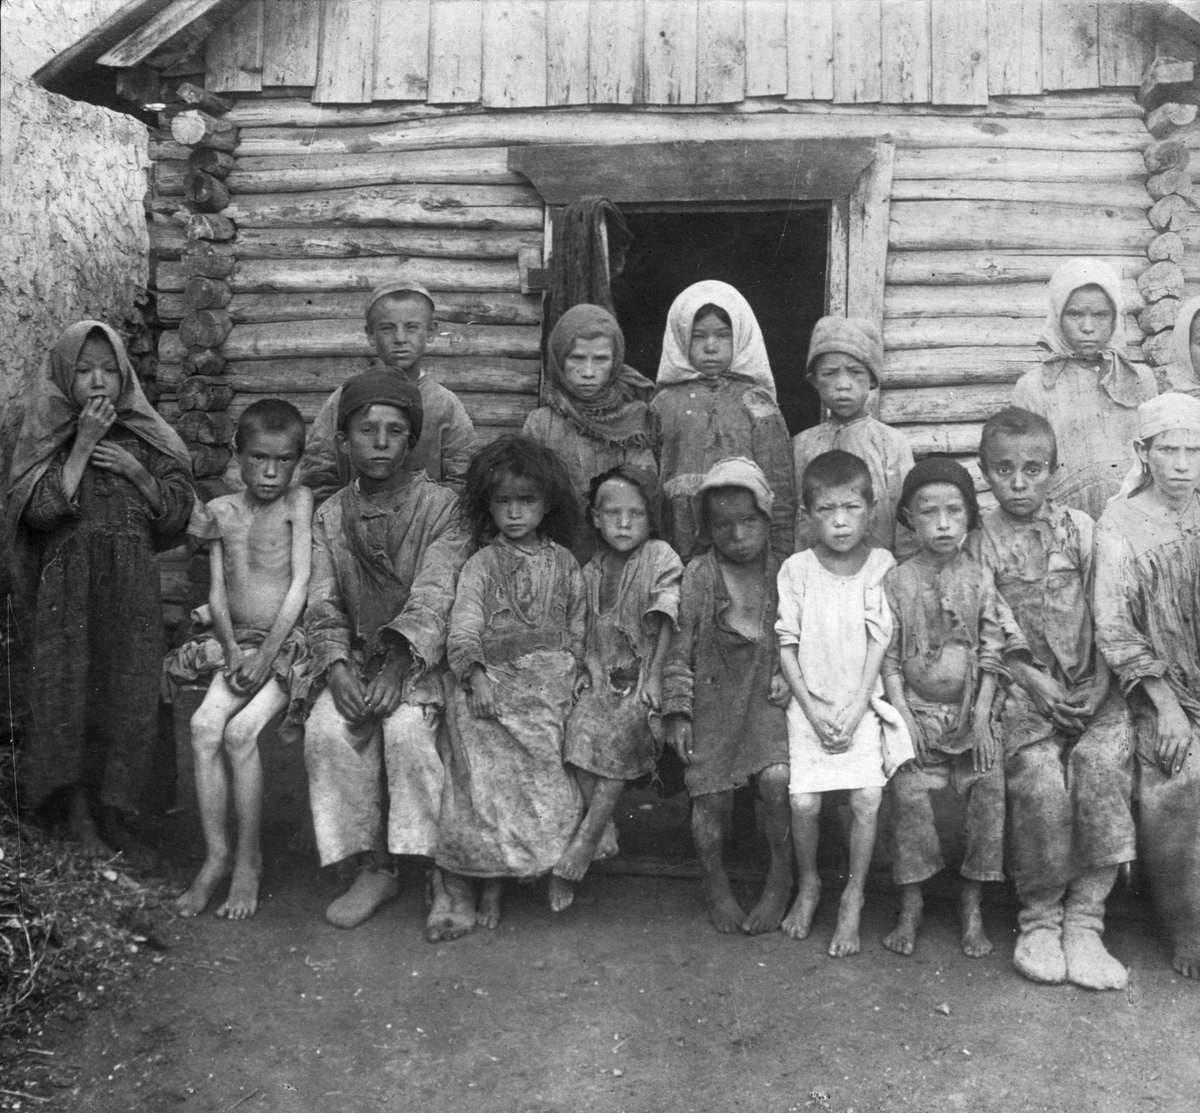 صورة لأطفال روس خلال فترة المجاعة